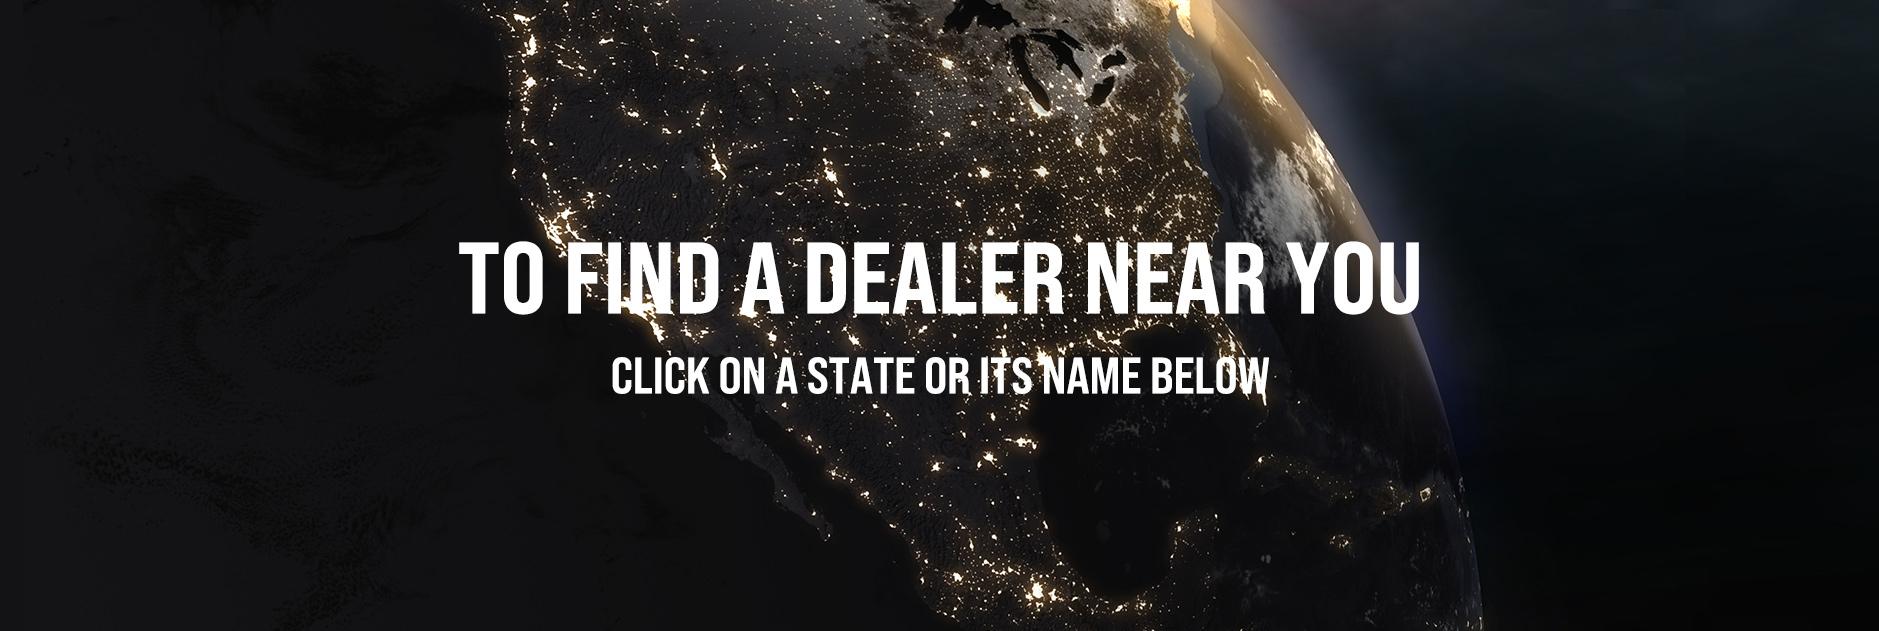 Dealer-Locator